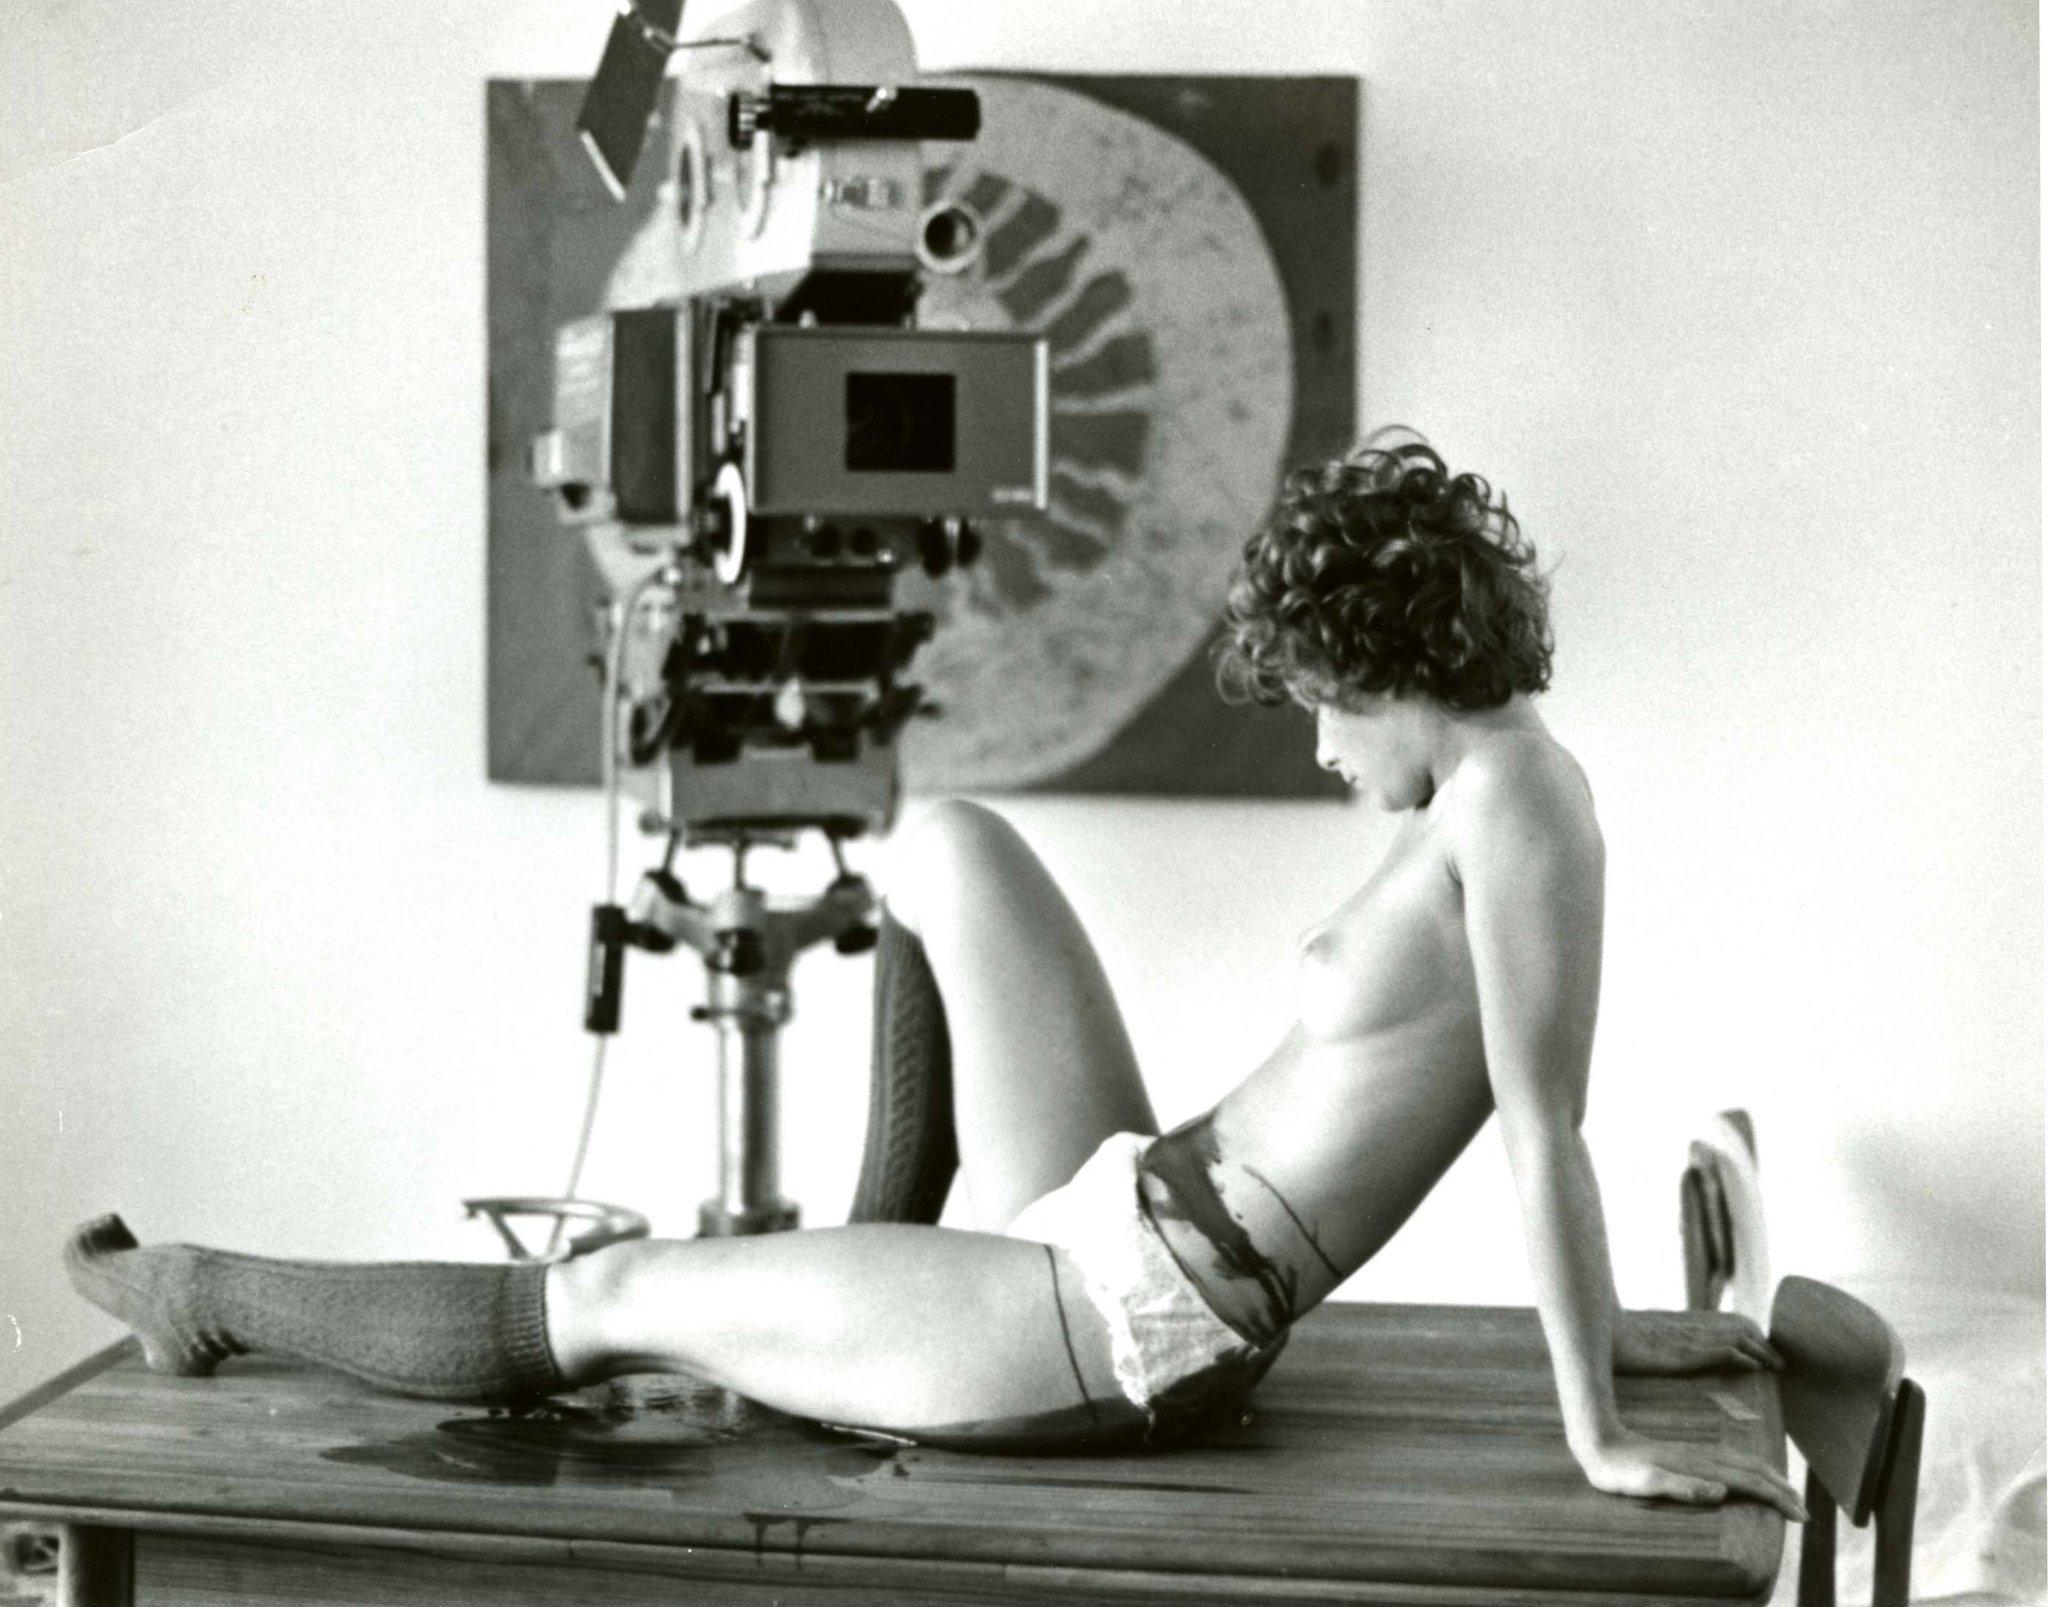 Happy Birthday David Cronenberg.